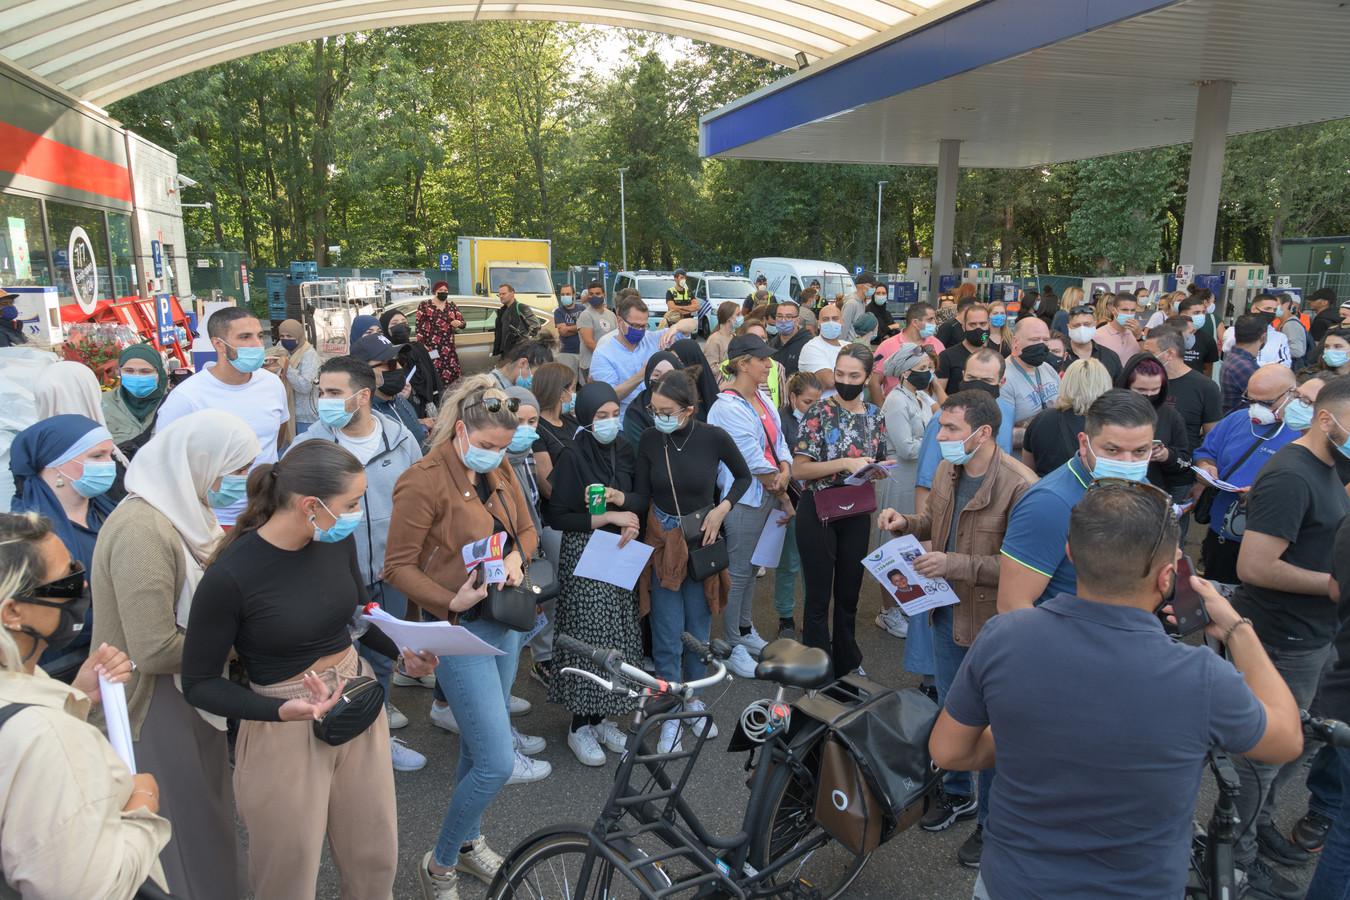 Honderden mensen kwamen vrijdagavond in Wilrijk samen om mee te zoeken naar Chadhi.